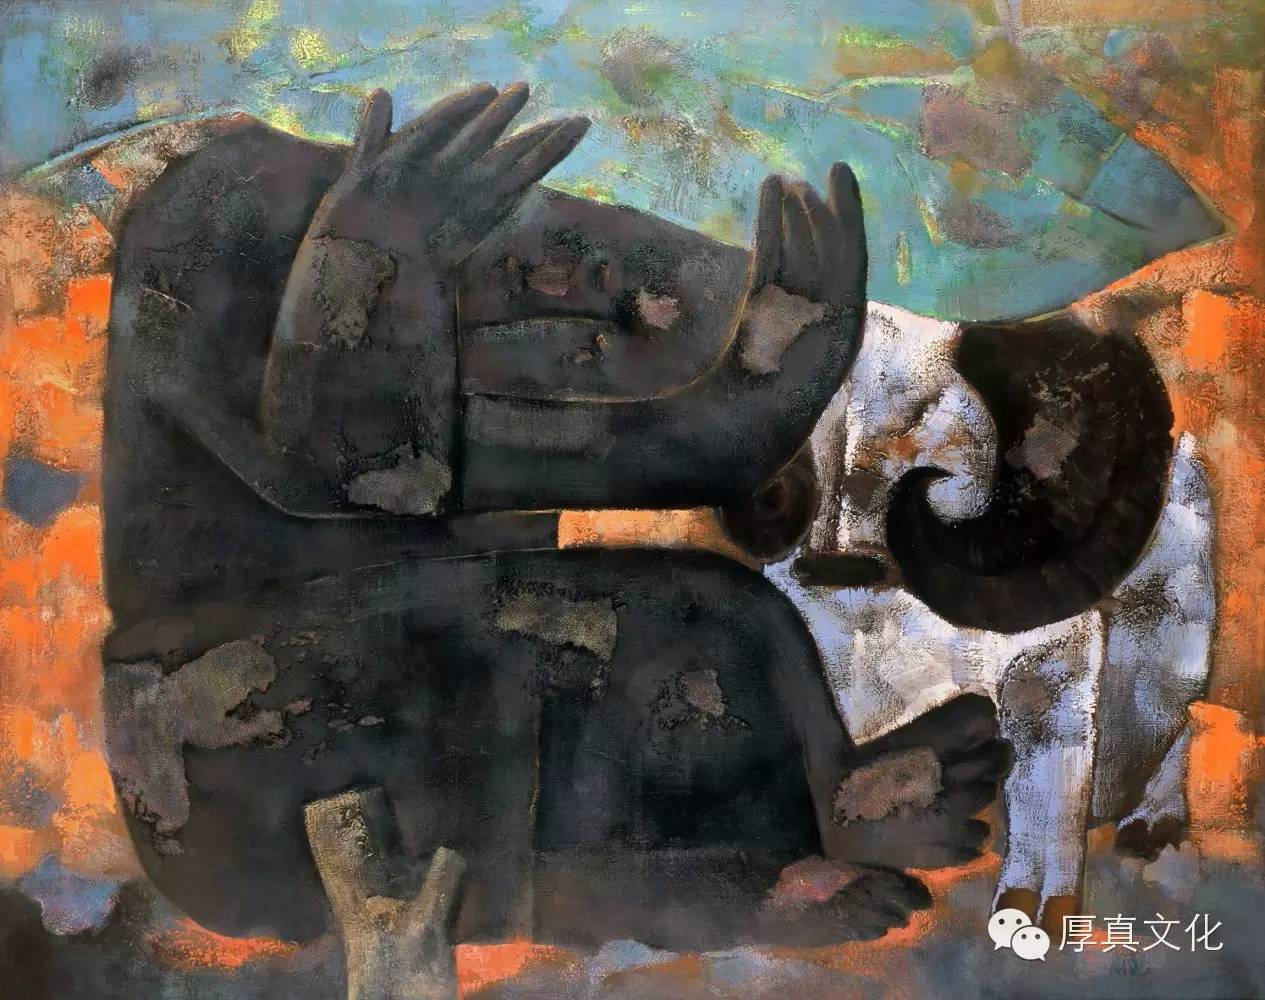 【蒙古人】画家——格日乐图 第7张 【蒙古人】画家——格日乐图 蒙古画廊